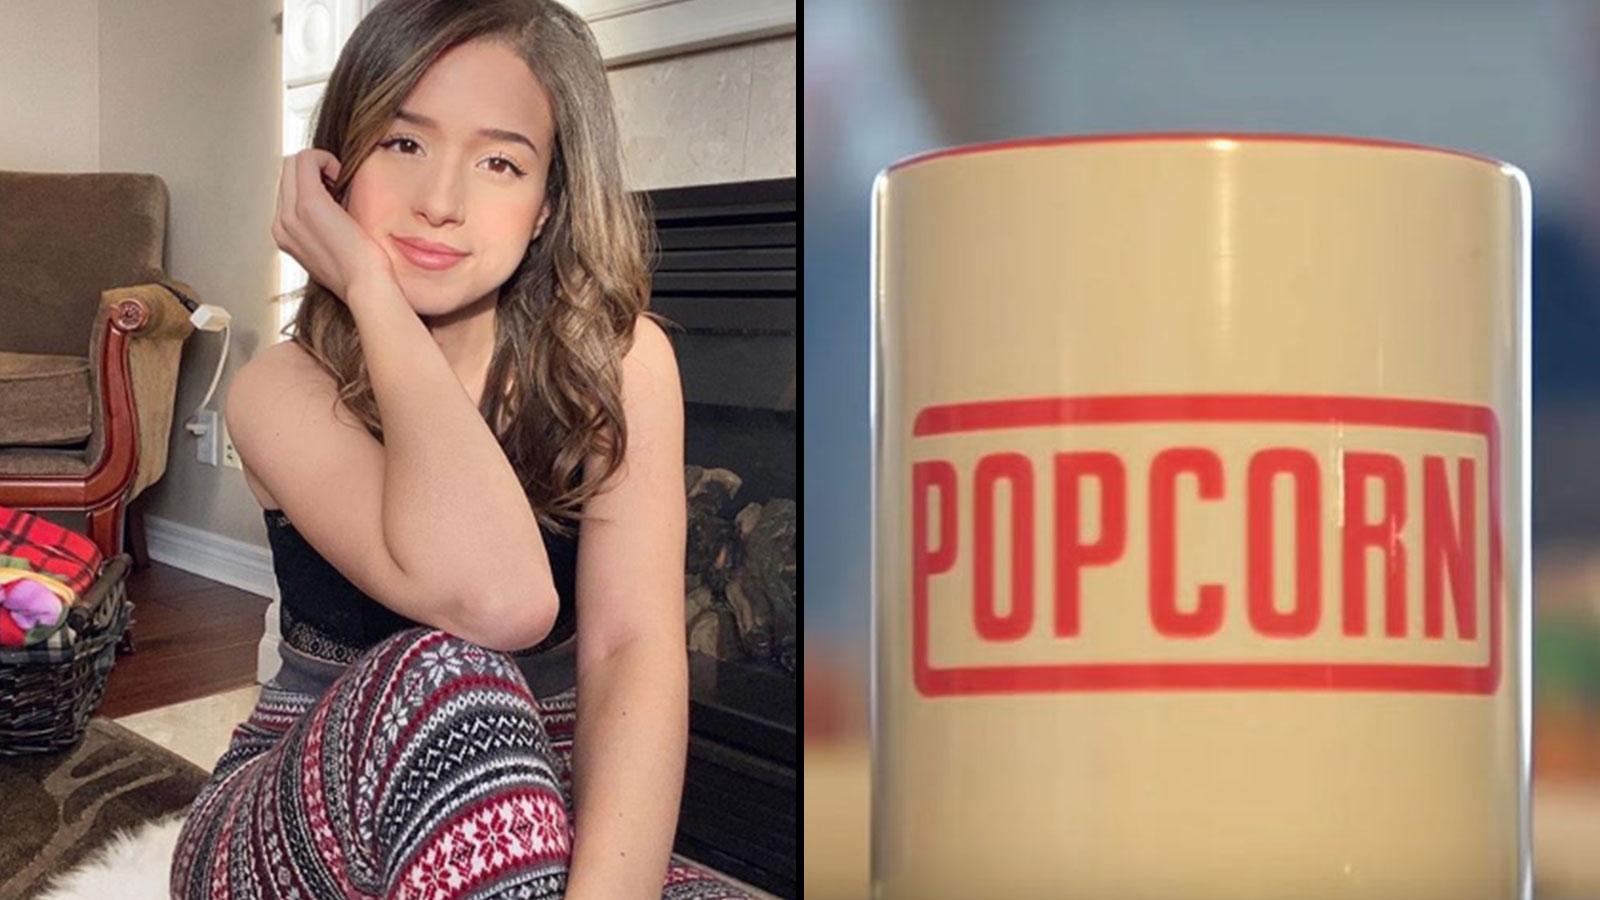 Pokimane a réagit au Talk-show de Domingo : Popcorn